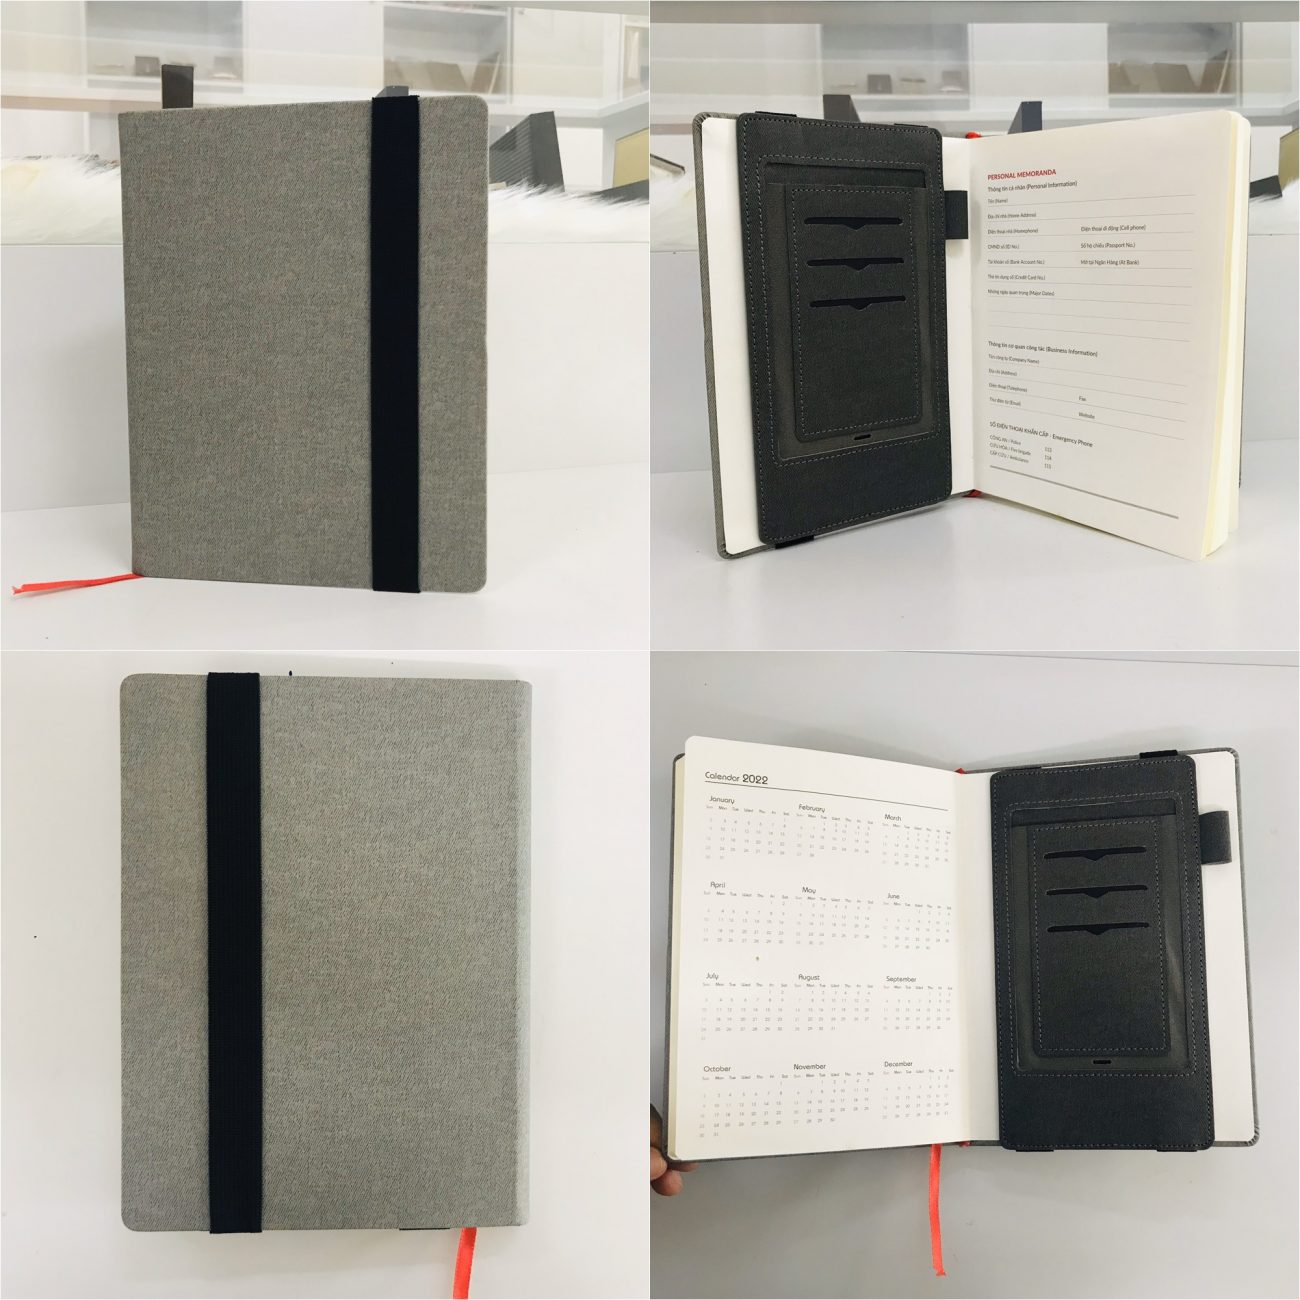 Ngăn đựng đa đăng lắp ở bên trong của bìa trước và bìa sau sổ dán gáy.